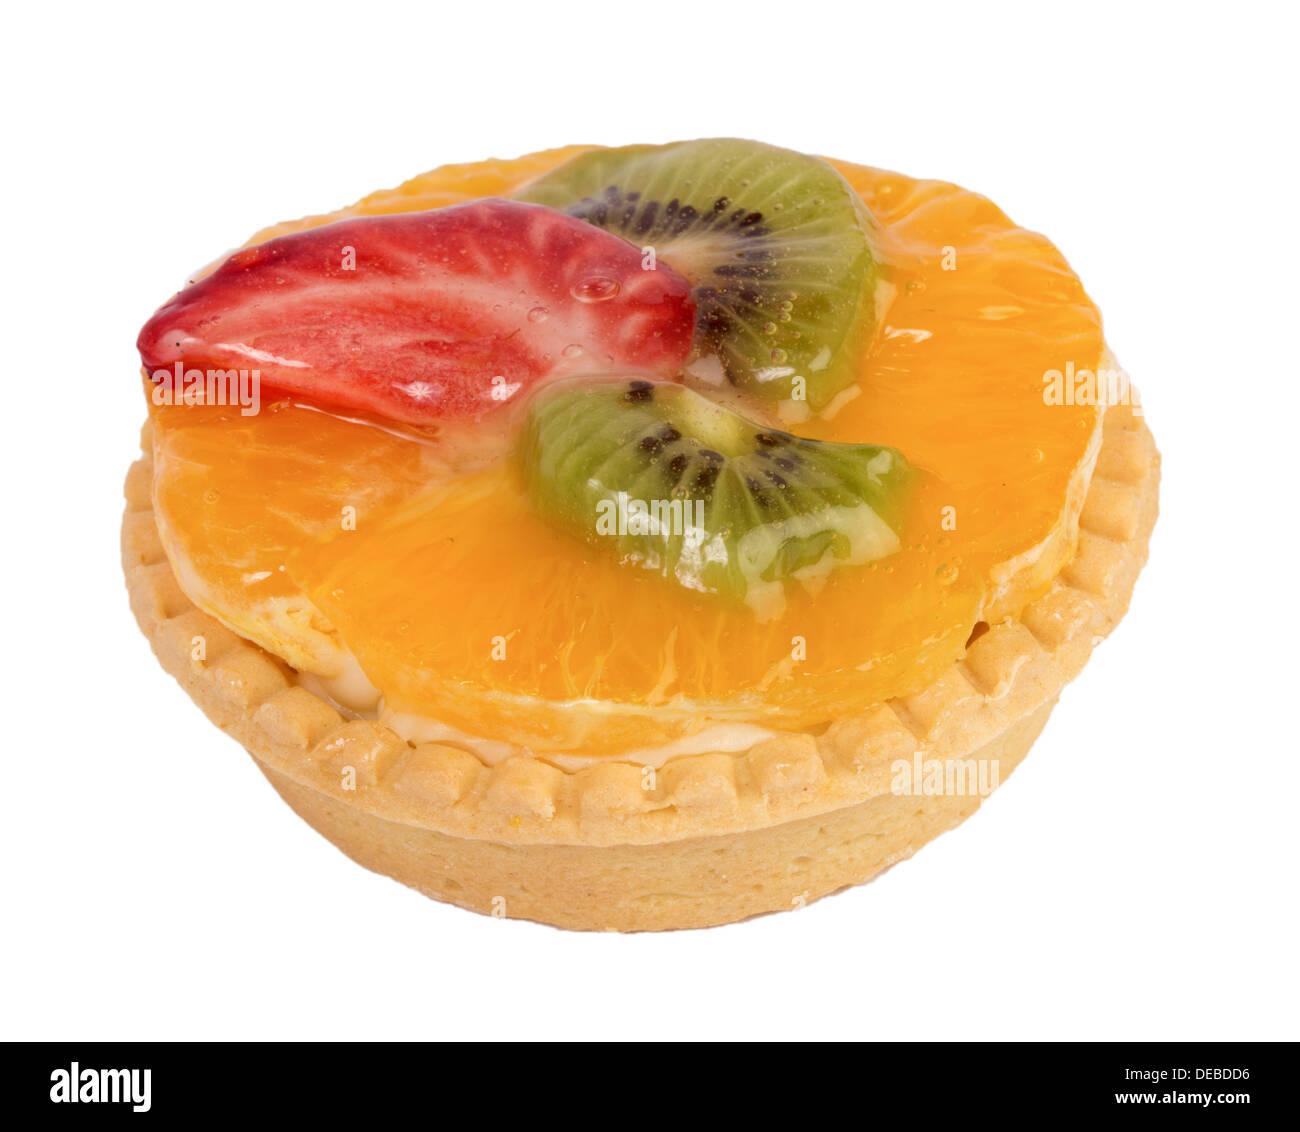 Tart with orange, kiwi and strawberry - Stock Image